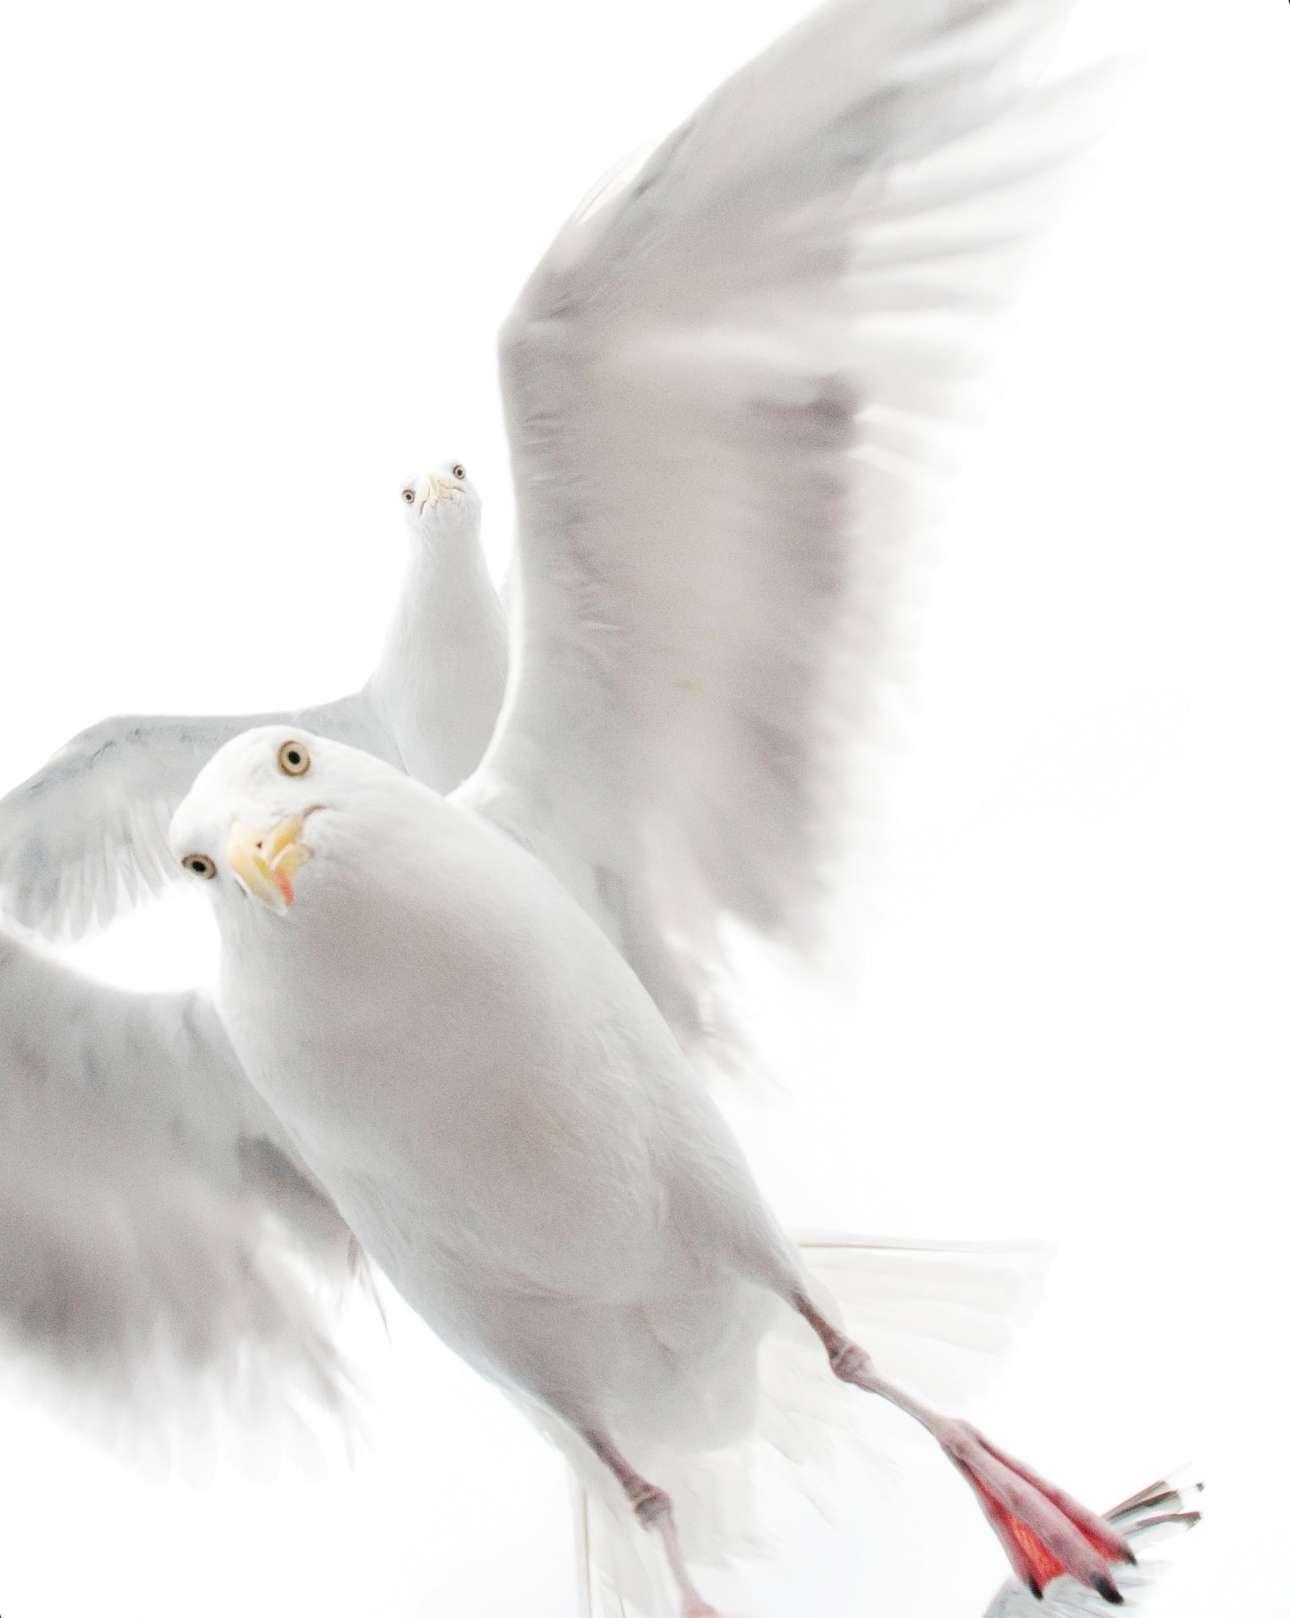 Βραβείο κατηγορία «Δέκα Ετών και Κάτω». Η μικρή Εκατερίνα λατρεύει τη φύση. Ενα κοπάδι γλάρων της τράβηξε την προσοχή, καθώς ταξίδευε με την οικογένεια της στη Νορβηγία πάνω σε πλοίο. Προσφέροντας στους γλάρους ψωμί, κατάφερε να τους κάνει να πλησιάσουν και να τους απαθανατίσει. «Μου αρέσει η έκφραση του πουλιού πίσω, μοιάζει σαν να κοιτάζει με περιέργεια τι συμβαίνει πάνω στο πλοίο» λέει η 5.5 ετών φωτογράφος